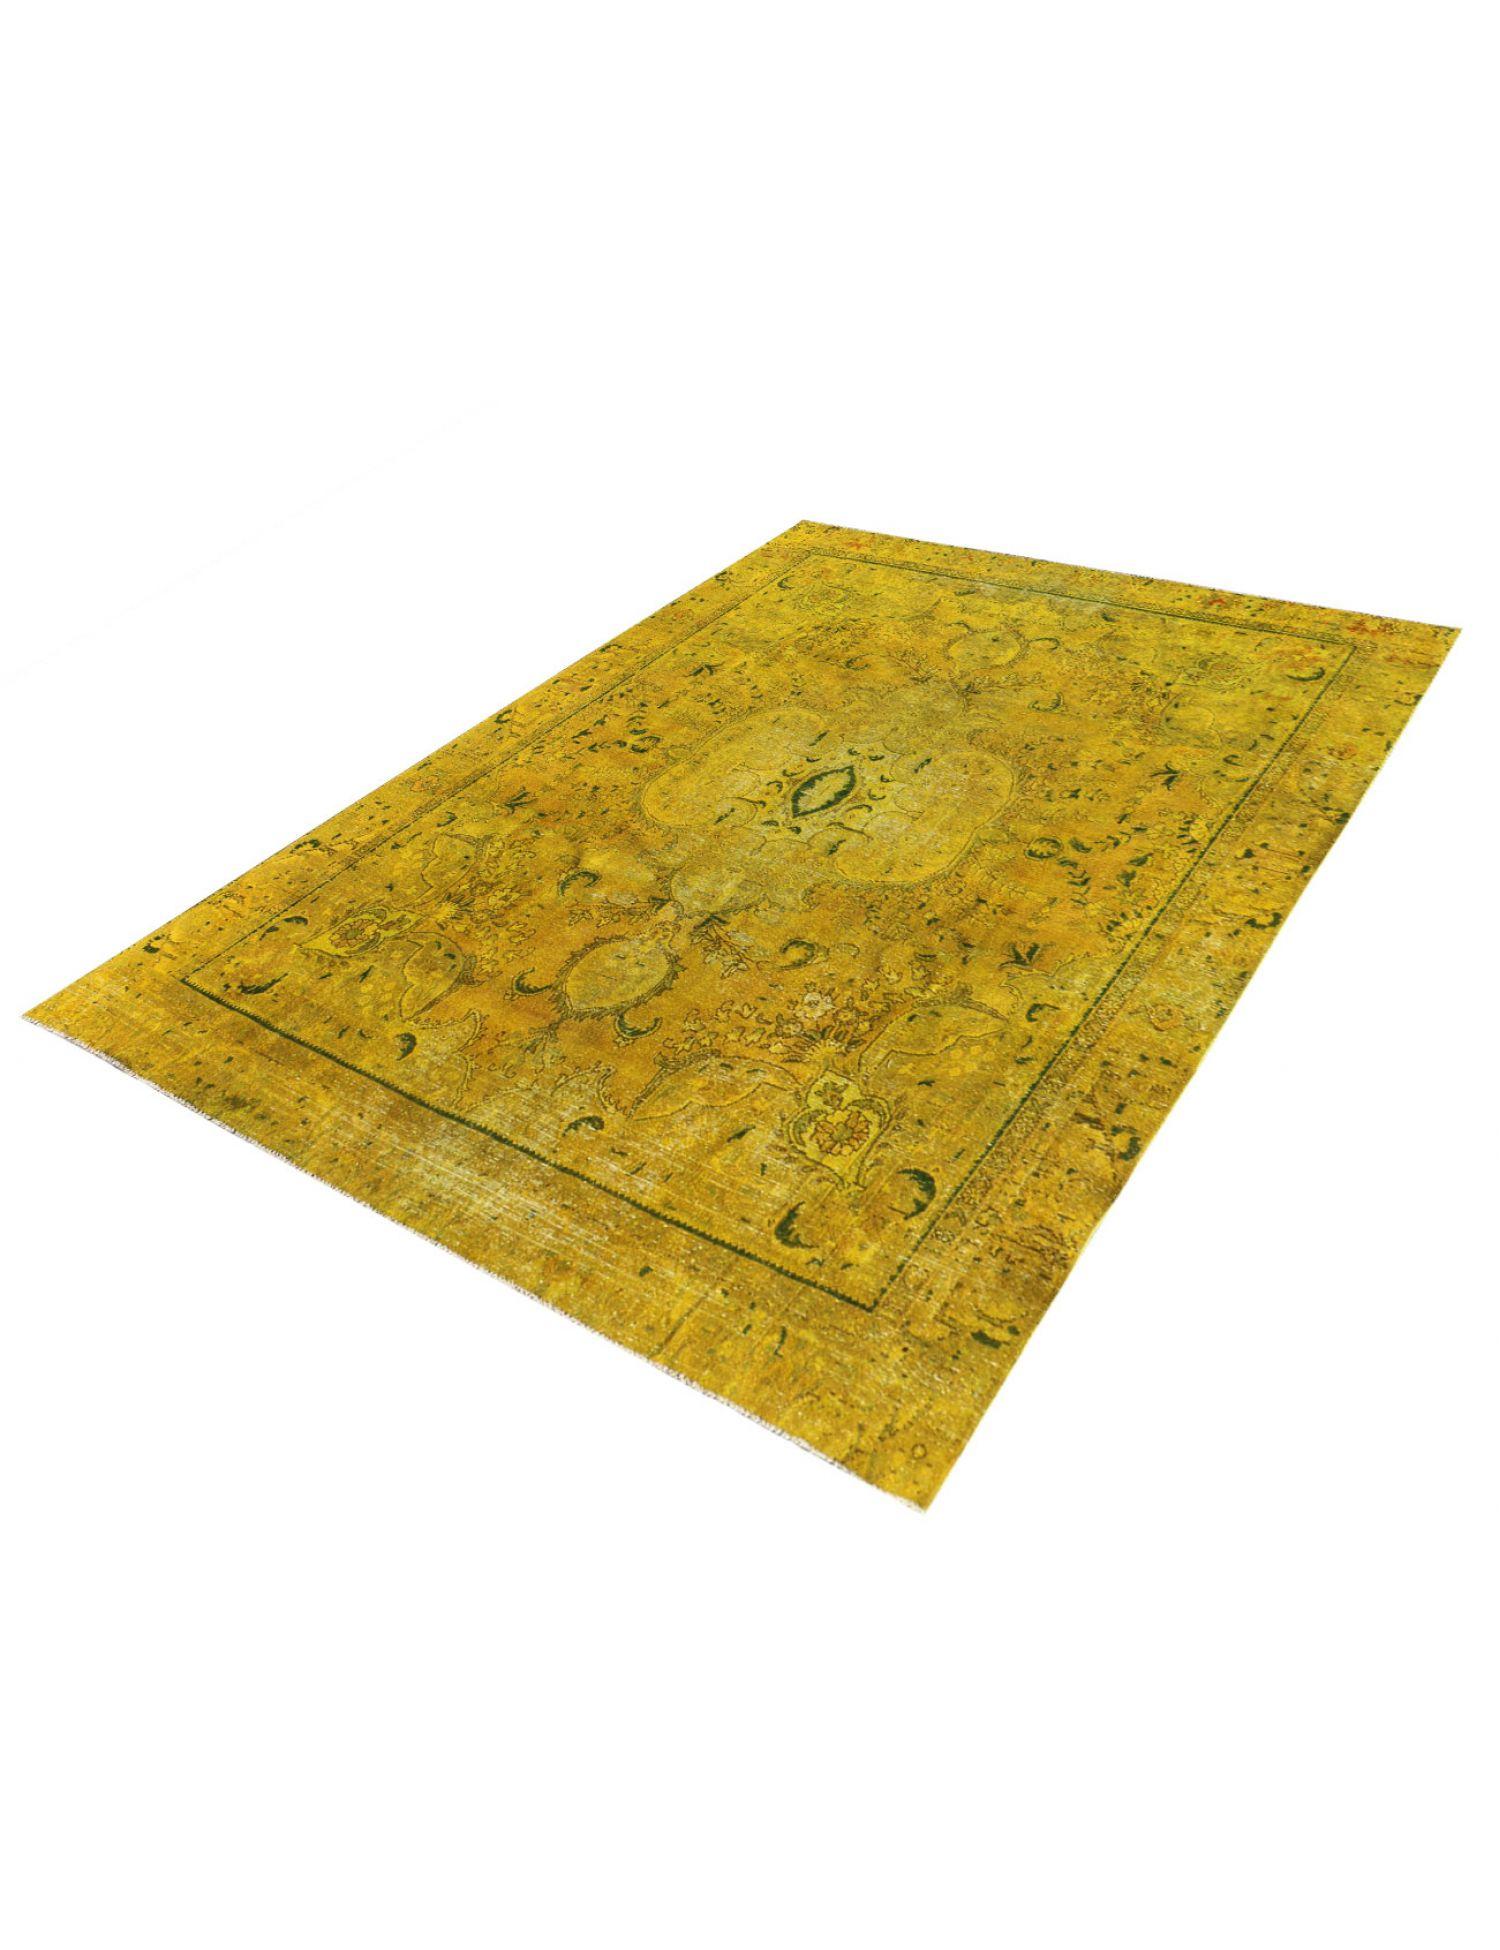 Tappeto Vintage  giallo <br/>355 x 278 cm